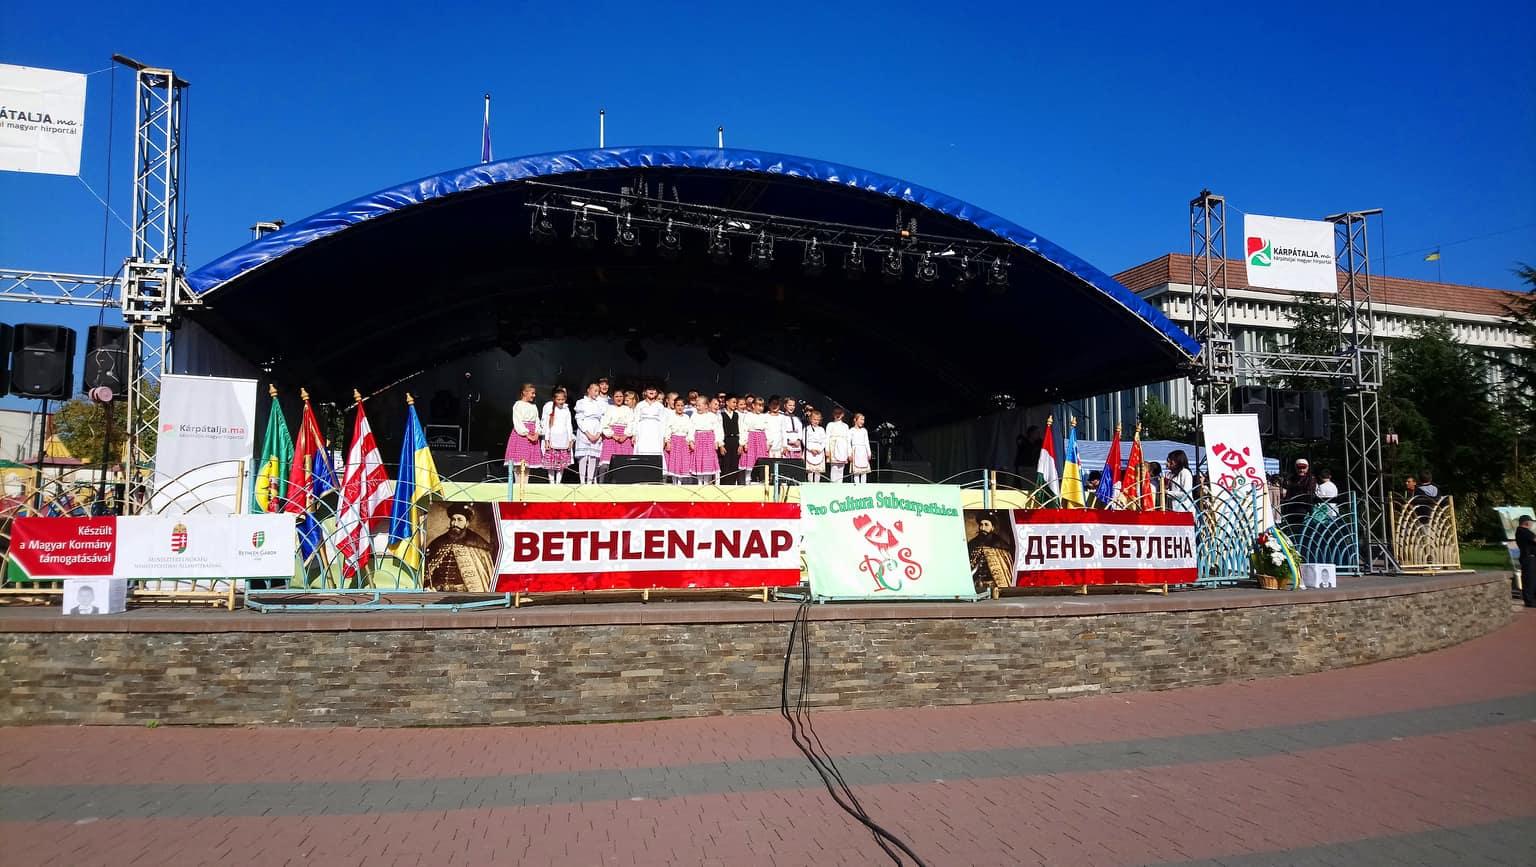 У Хусті відбулося свято День Бетлена на честь князя Трансильванії